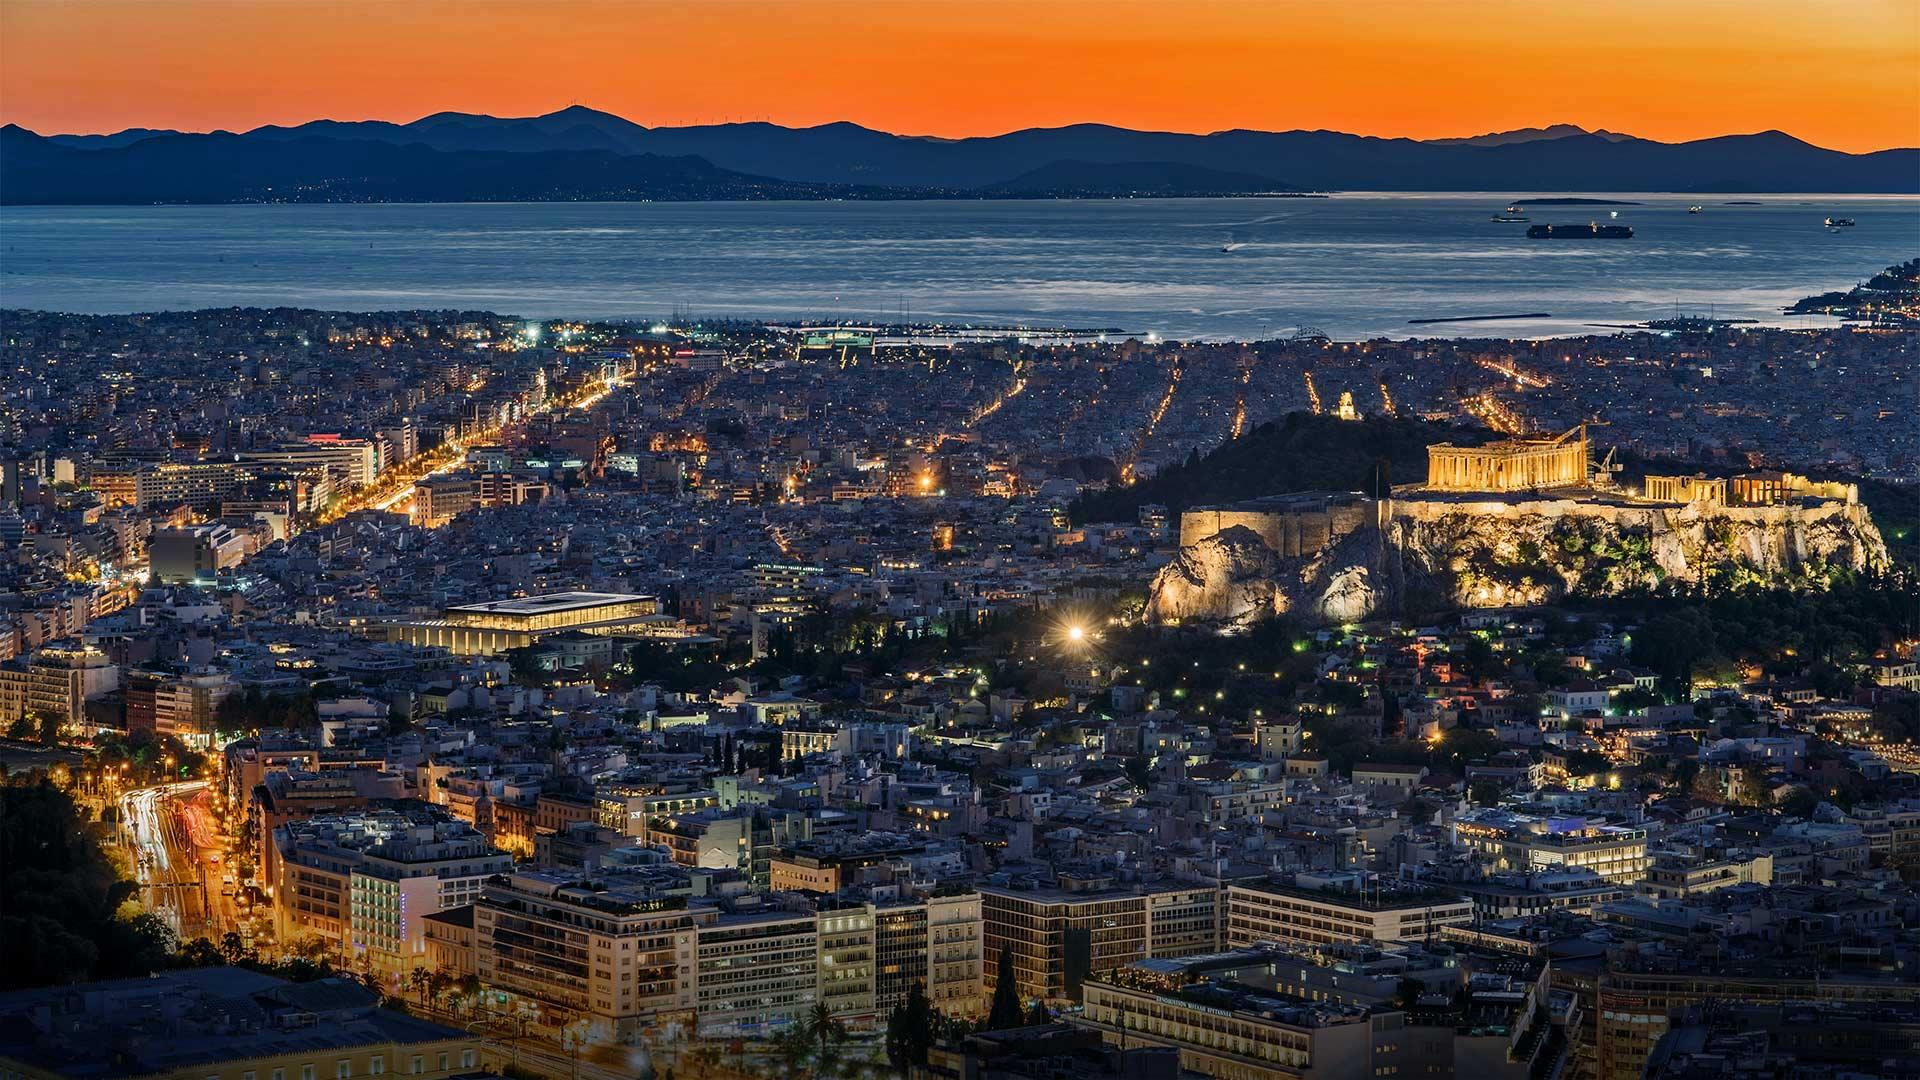 「アテネ市街」ギリシャ (© junnyphoto/Getty Images)